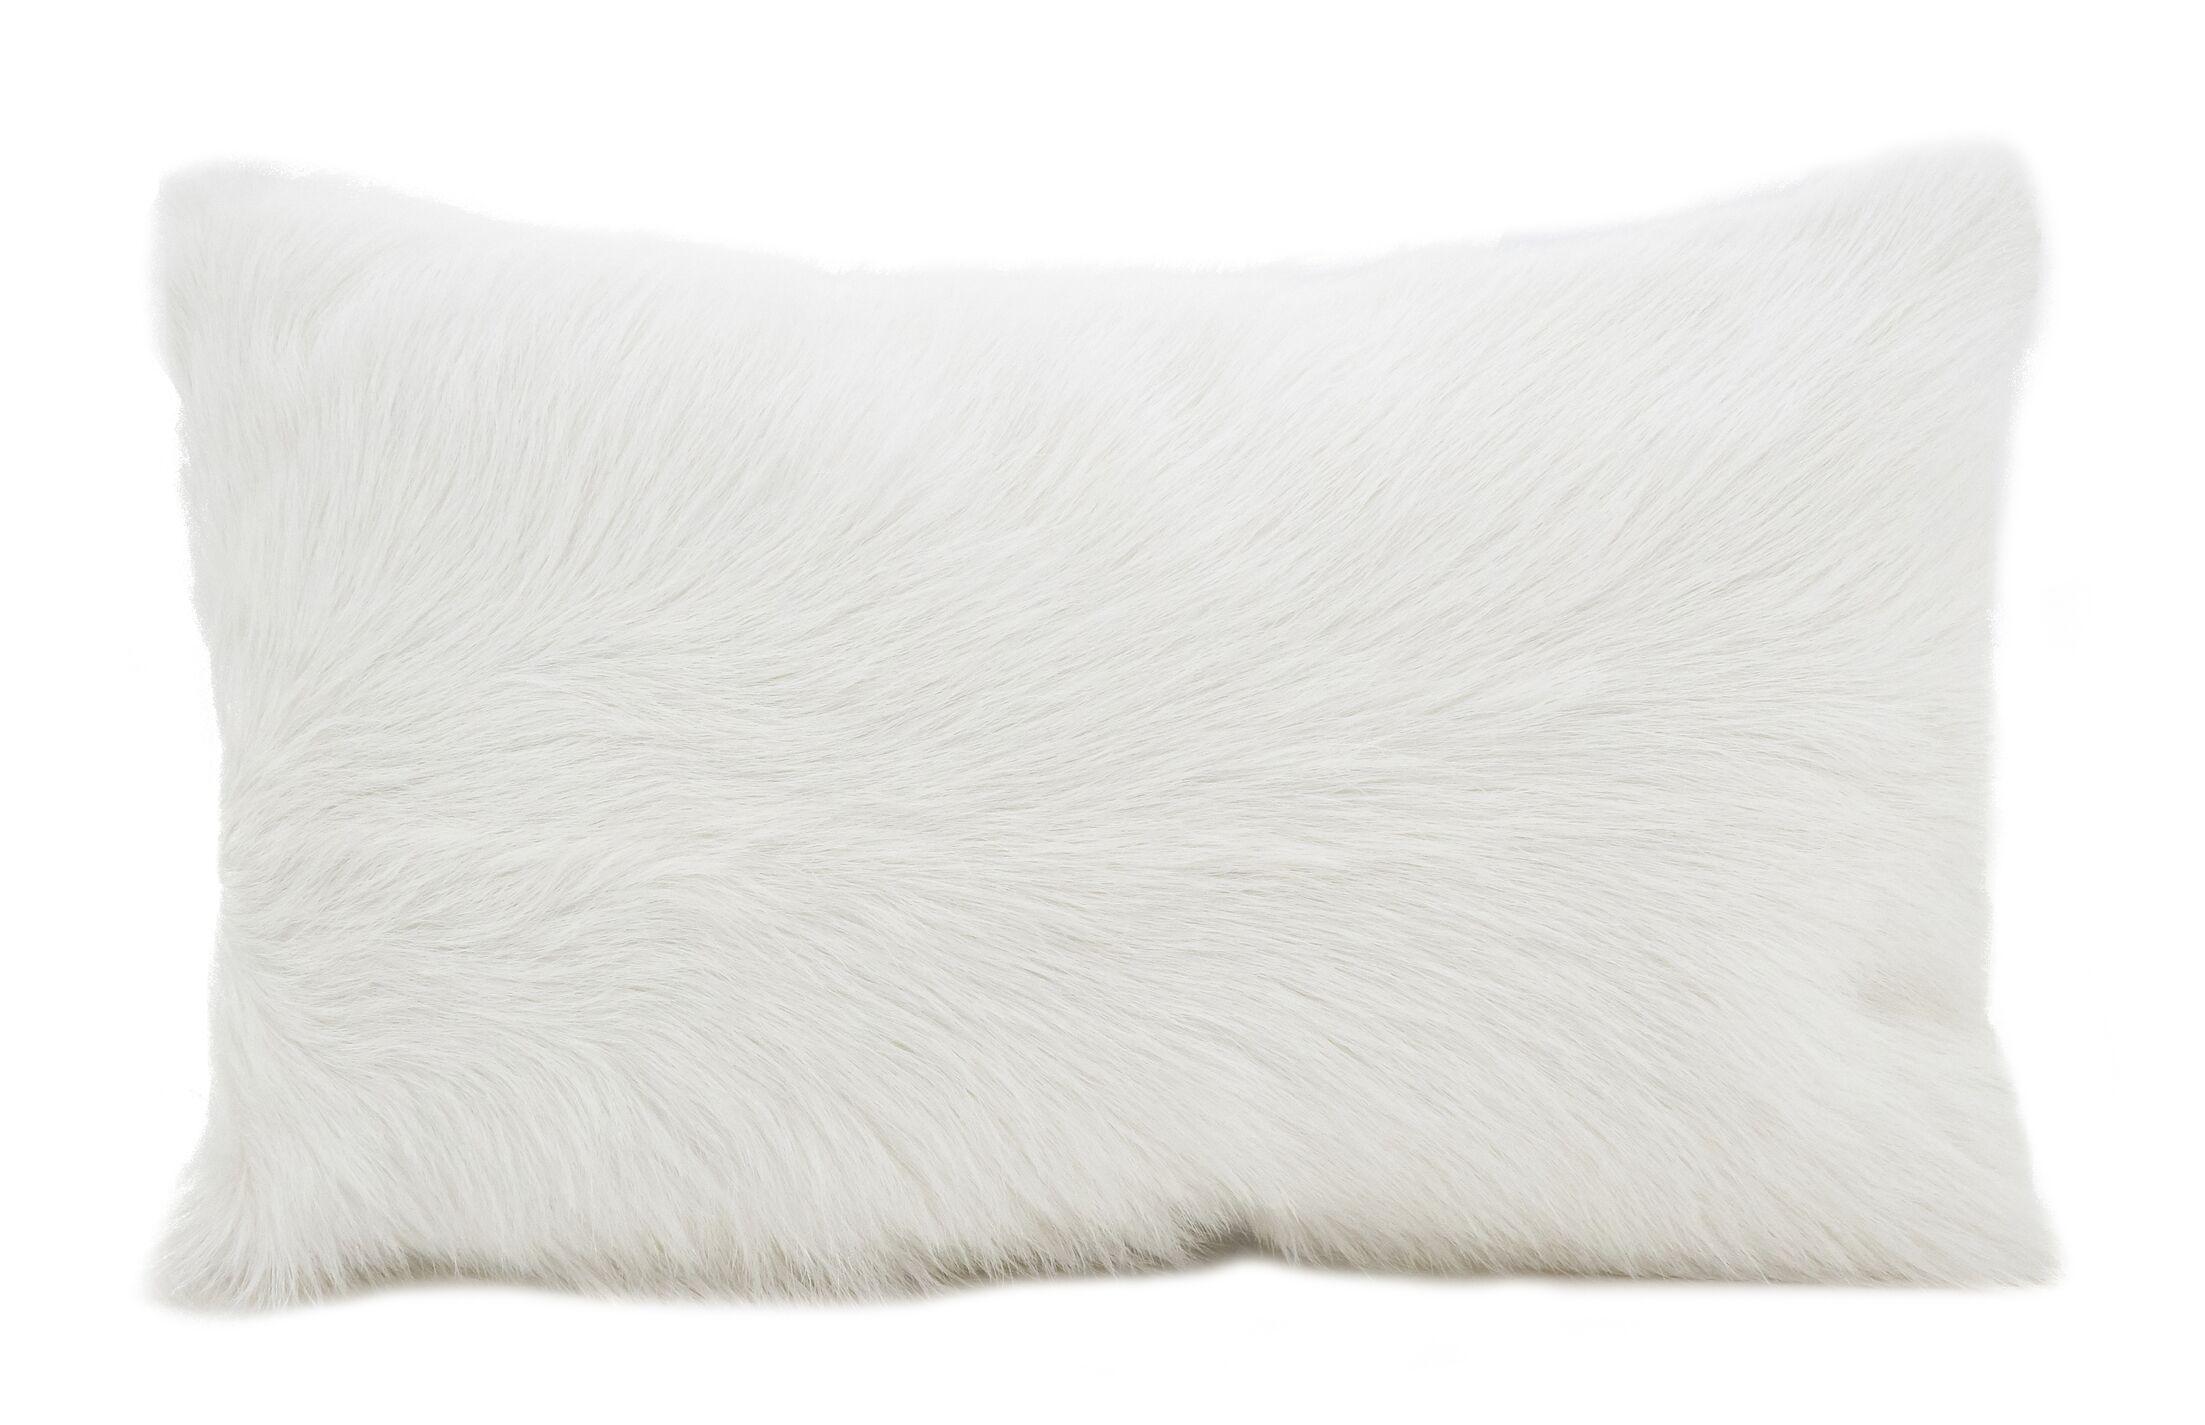 Oquinn Goat Fur Lumbar Pillow Color: Natural